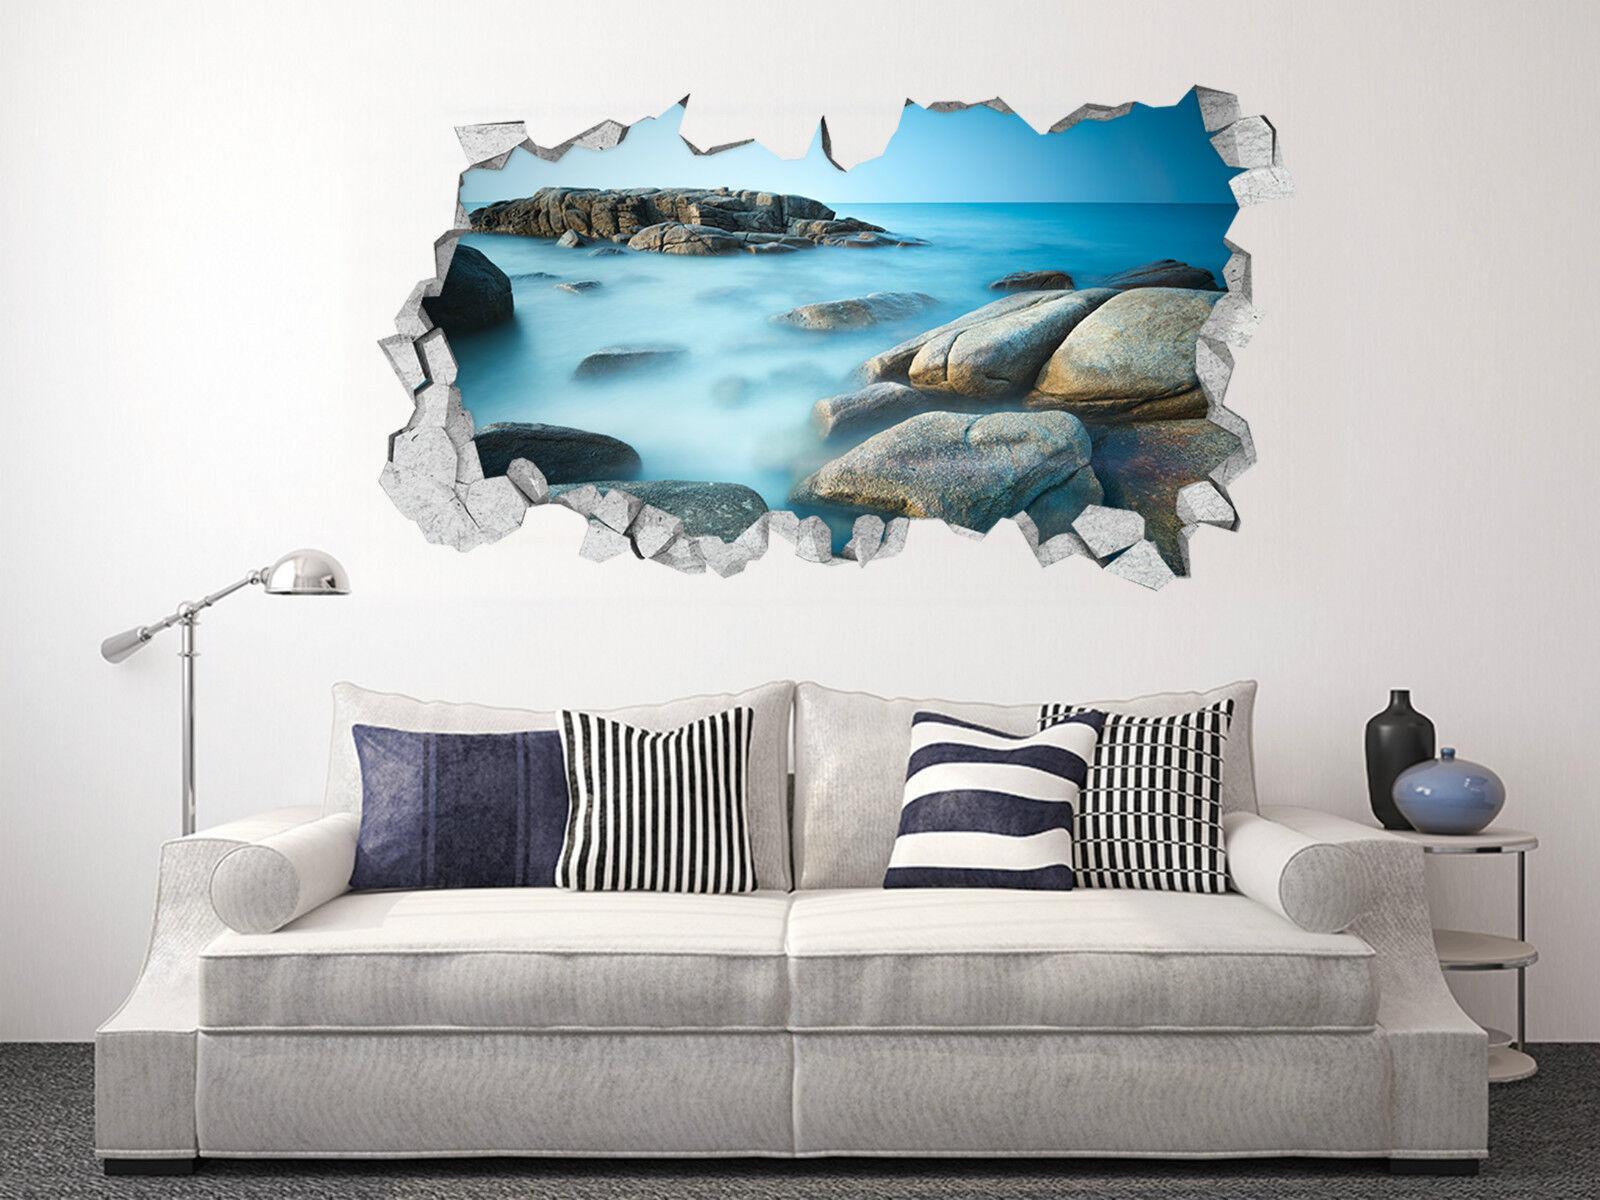 3D Seesteine 362 Mauer Murals Aufklebe Decal Durchbruch AJ WALLPAPER DE Lemon